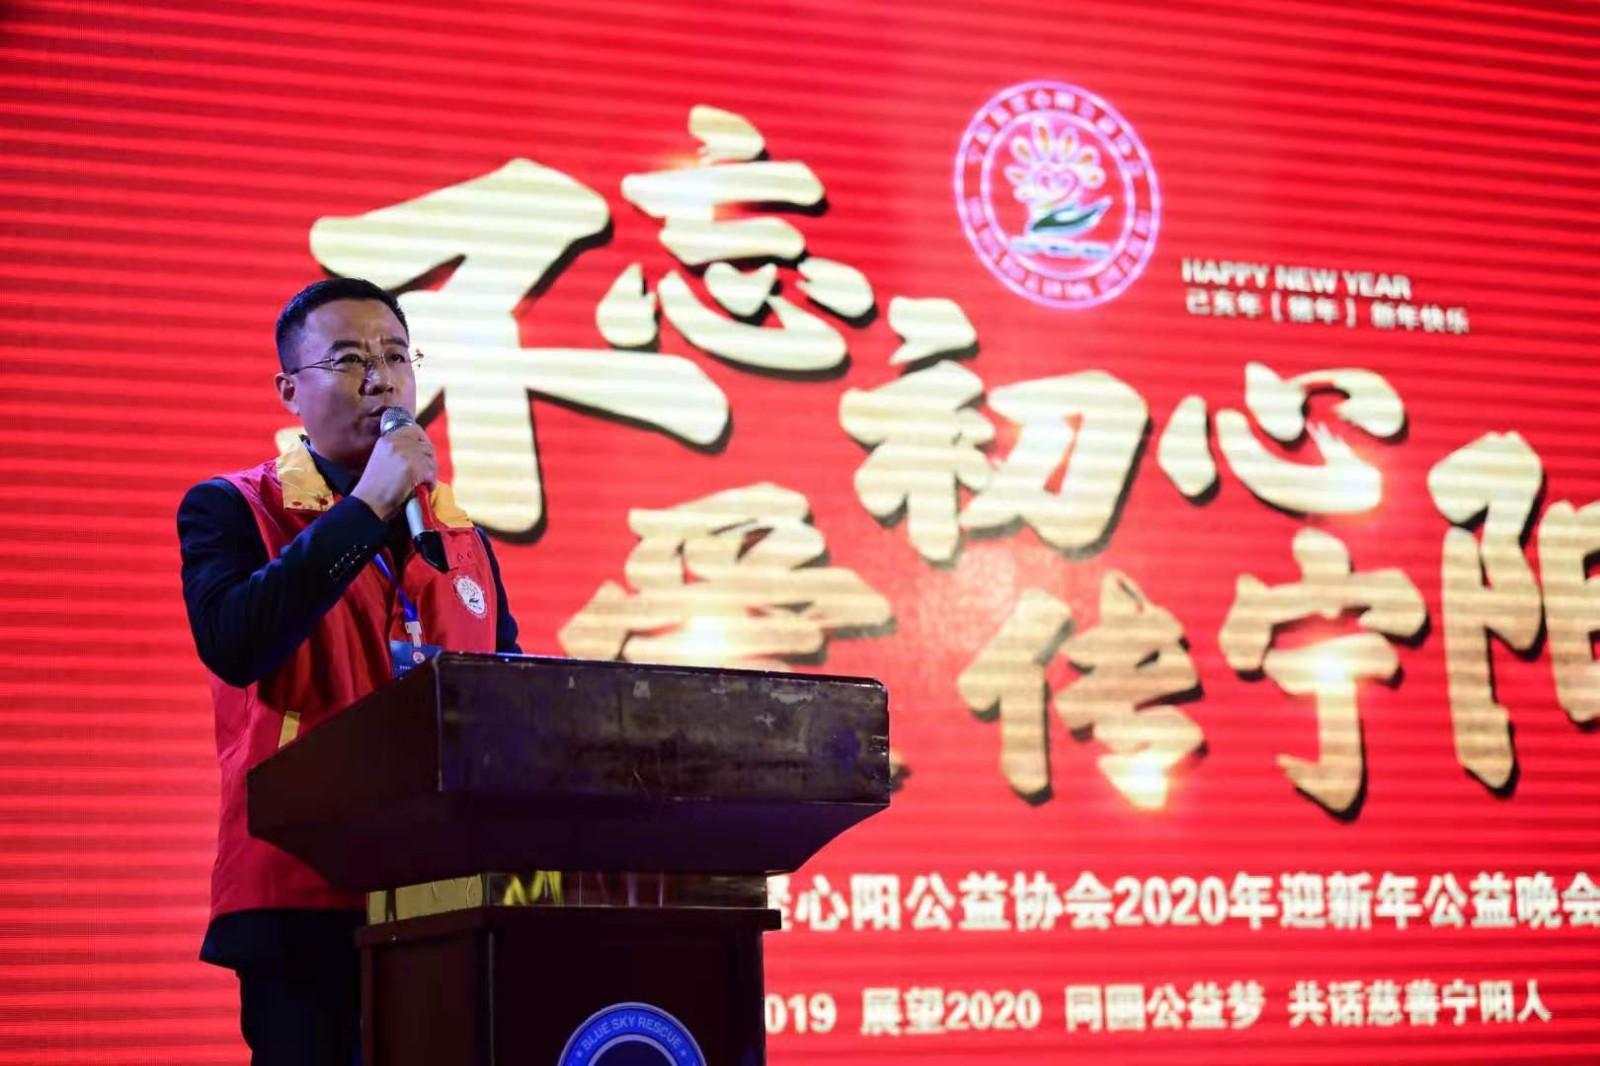 泰安宁阳:聚心阳公益协会三年出资26万元资助贫困学子